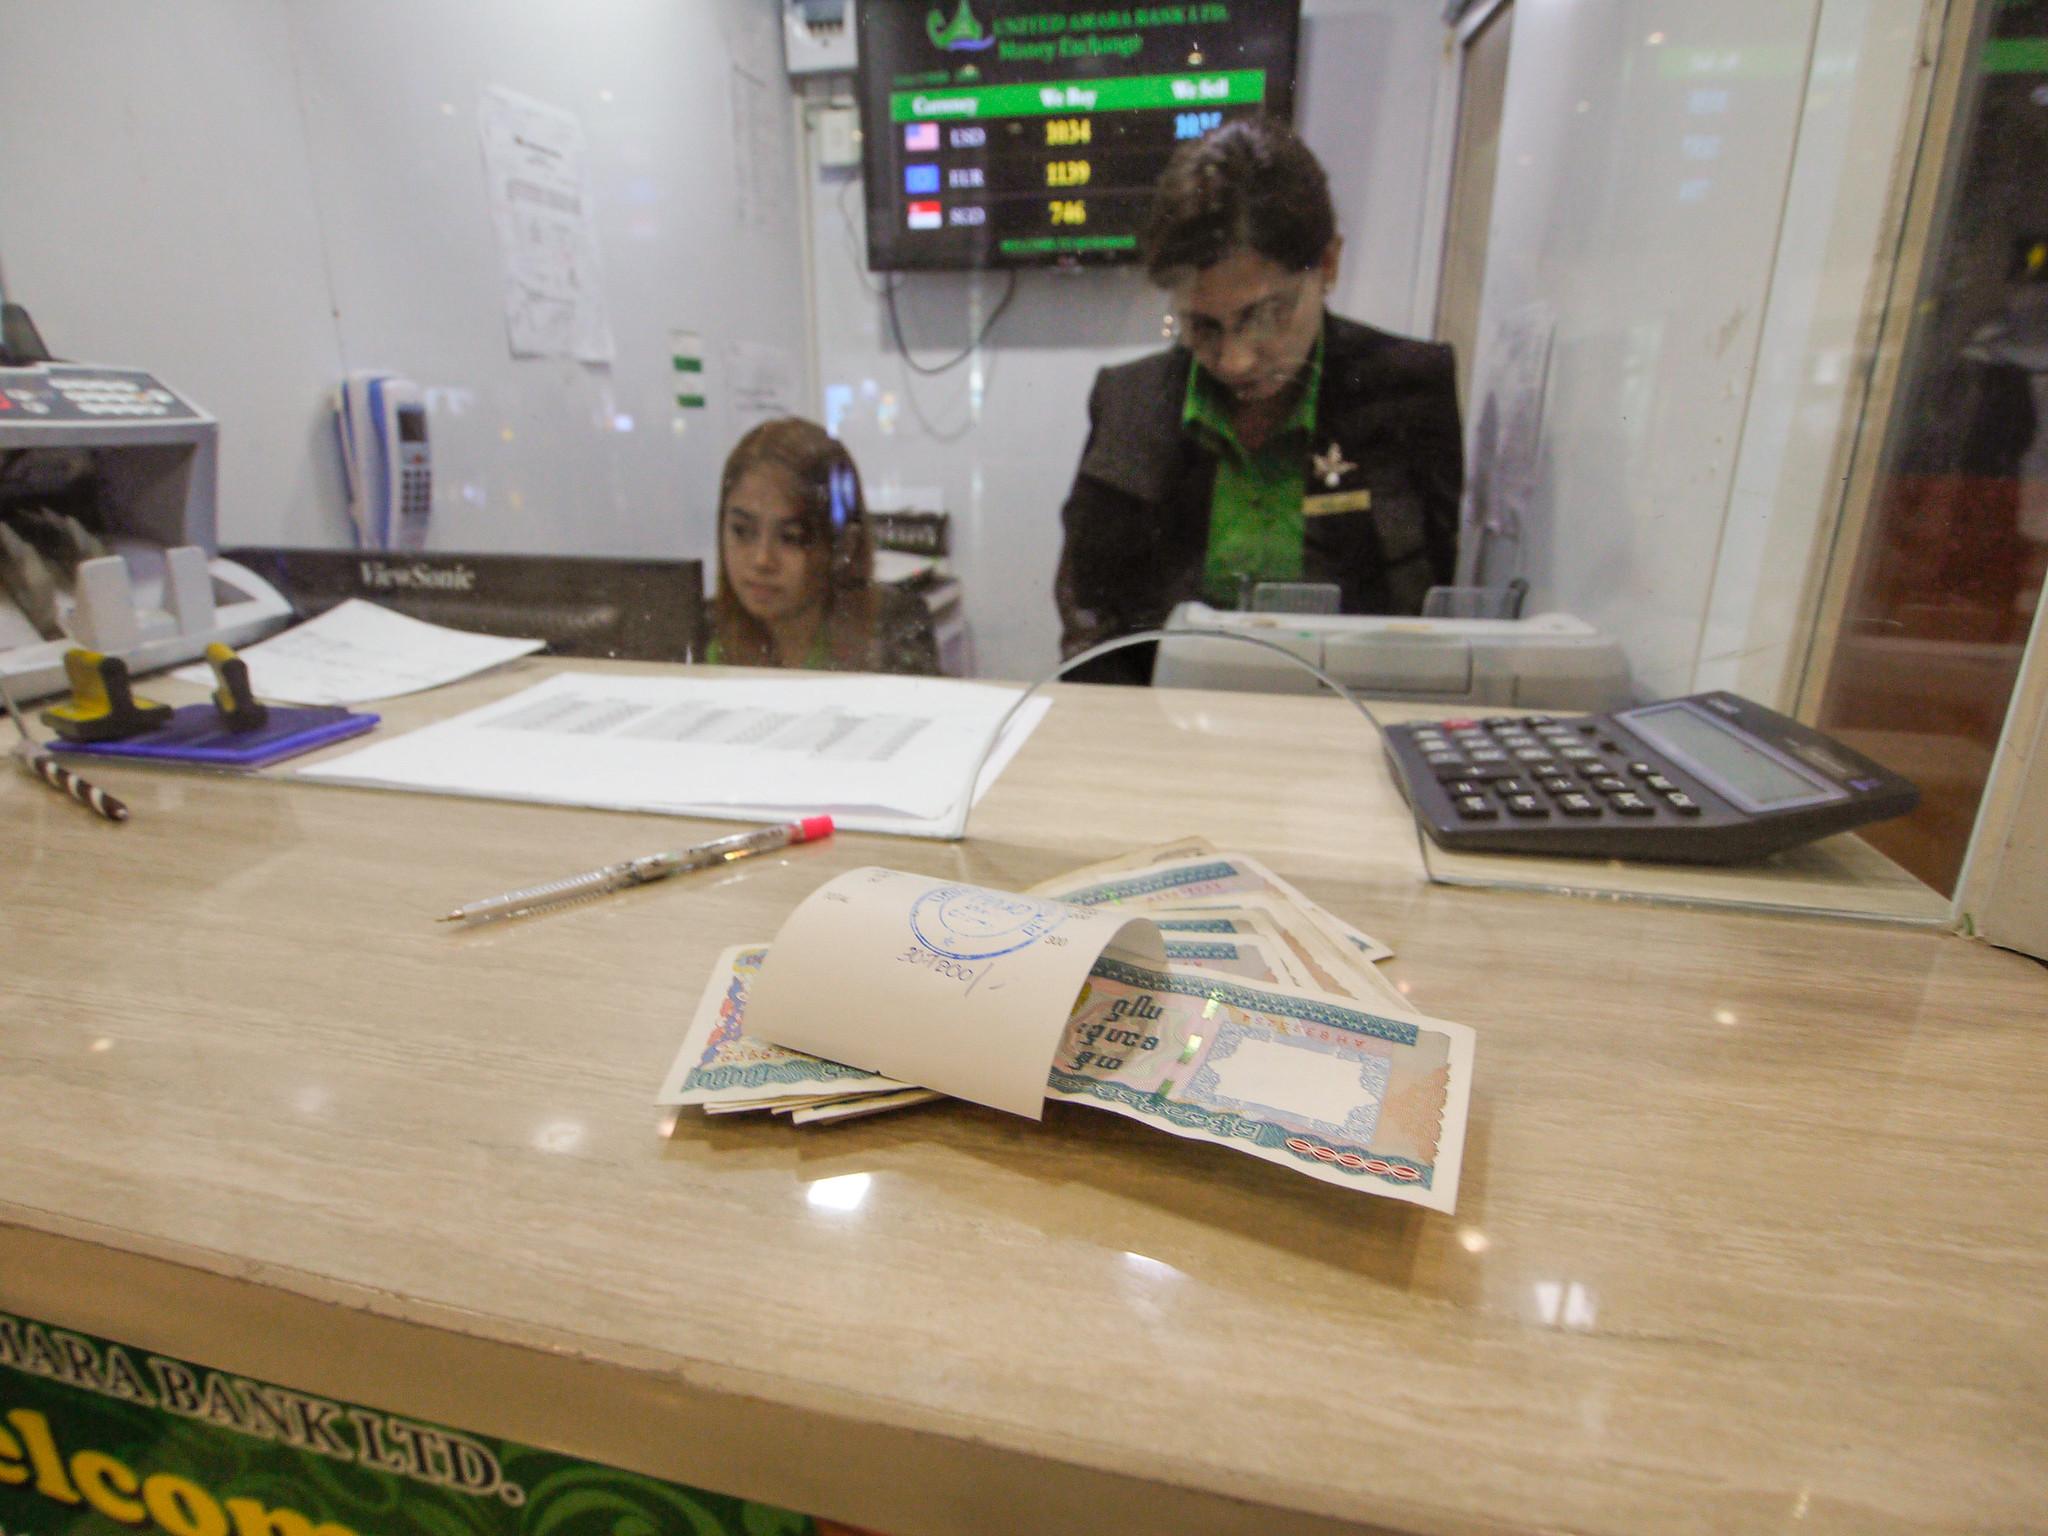 ประเมินผลกระทบรัฐประหารพม่าต่อการส่งออก การลงทุนและเศรษฐกิจของไทย พม่าและอาเซียน